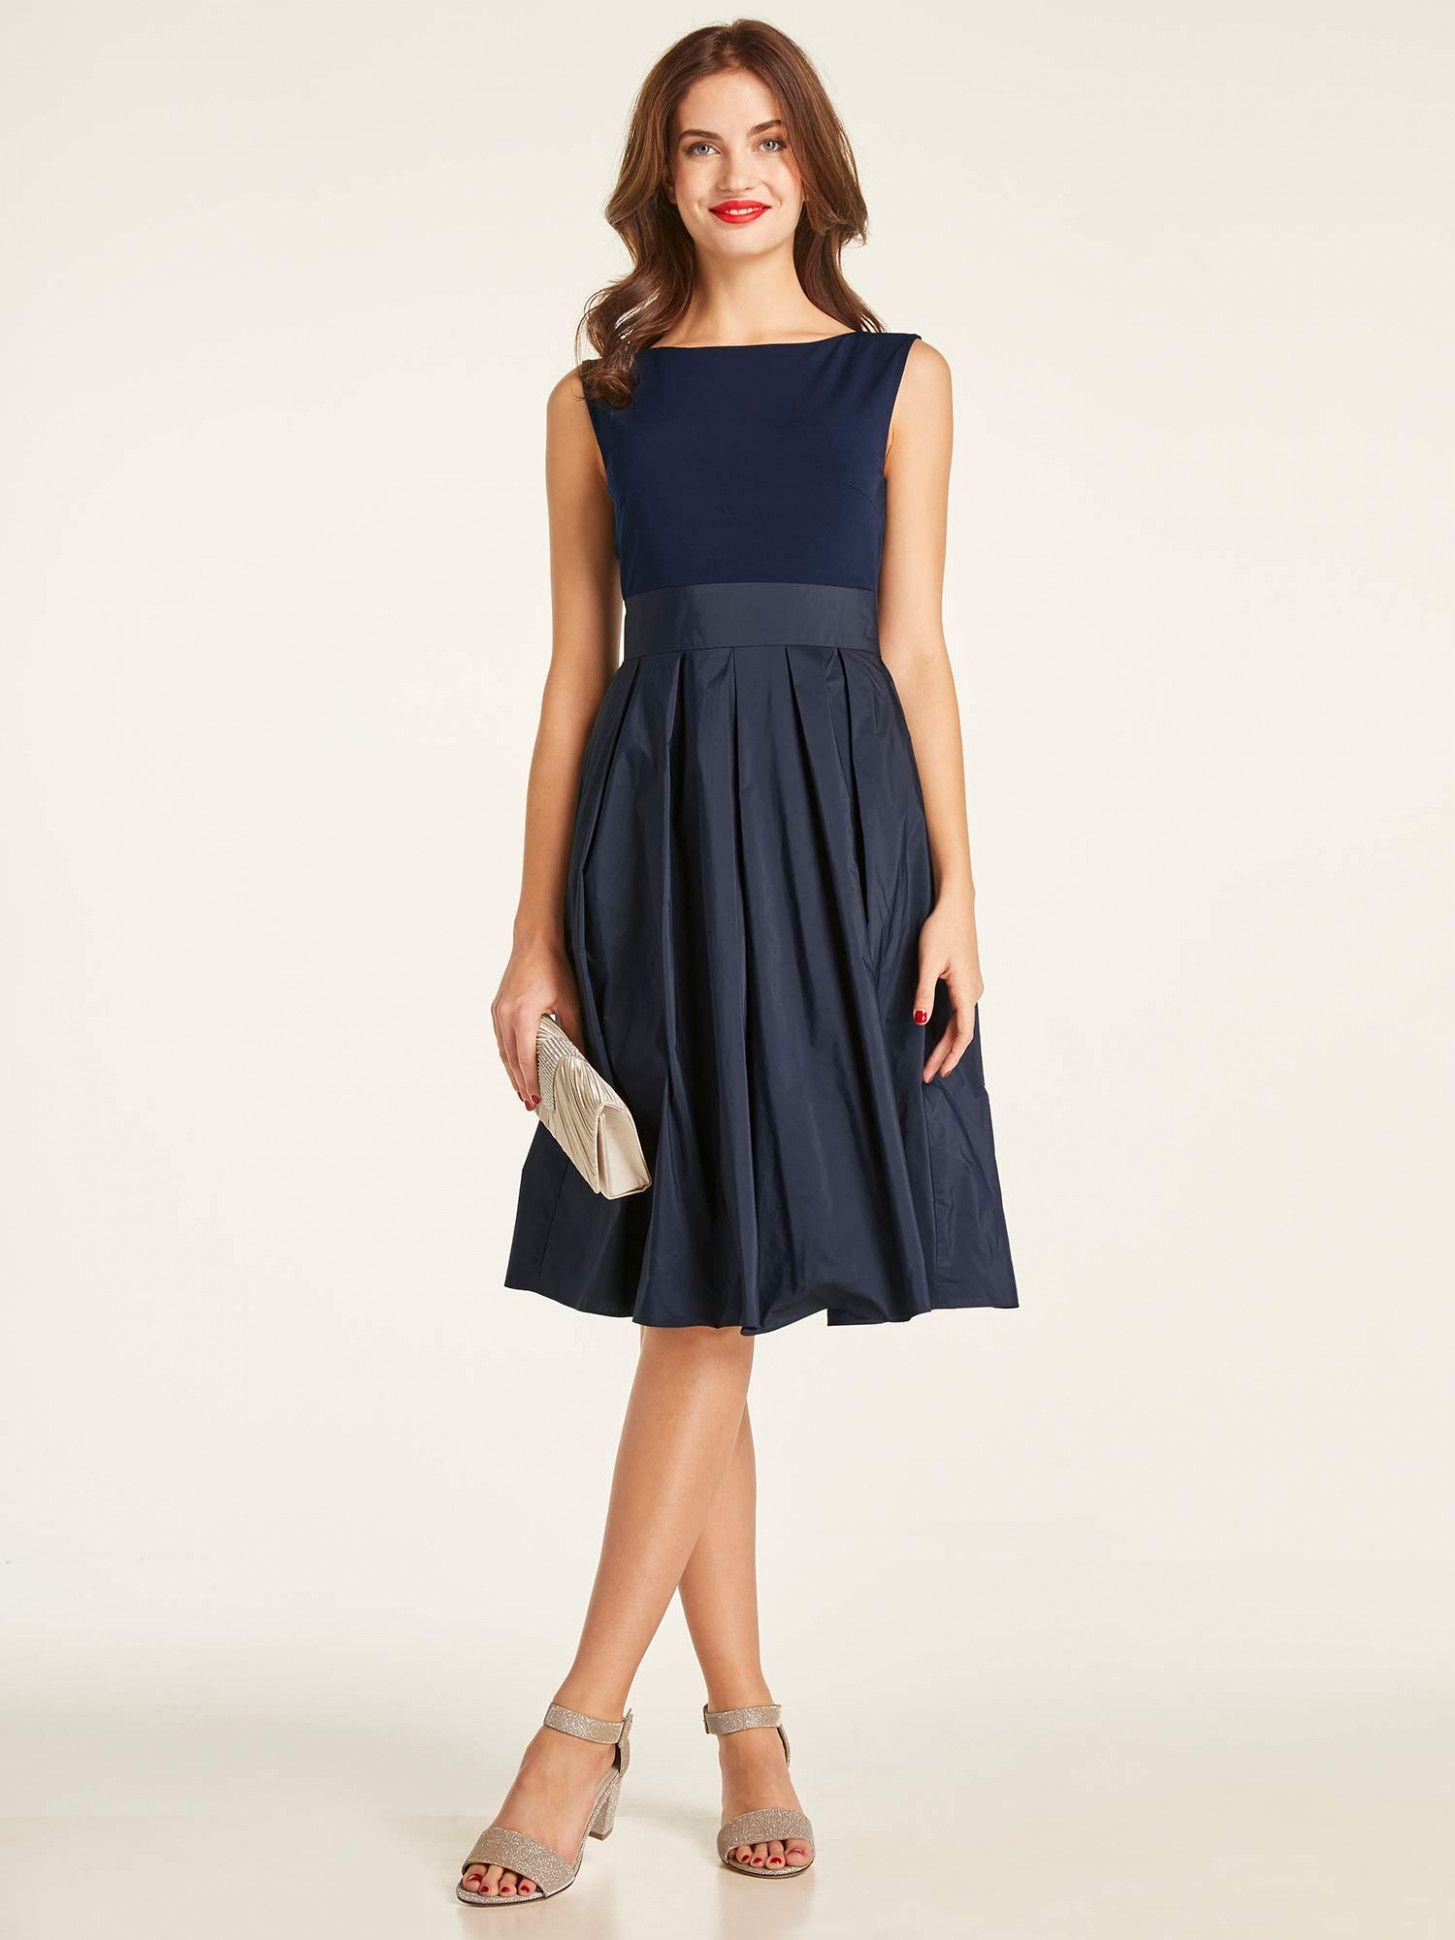 14 kleid hochzeitsgast blau | dunkelblaues kleid hochzeit